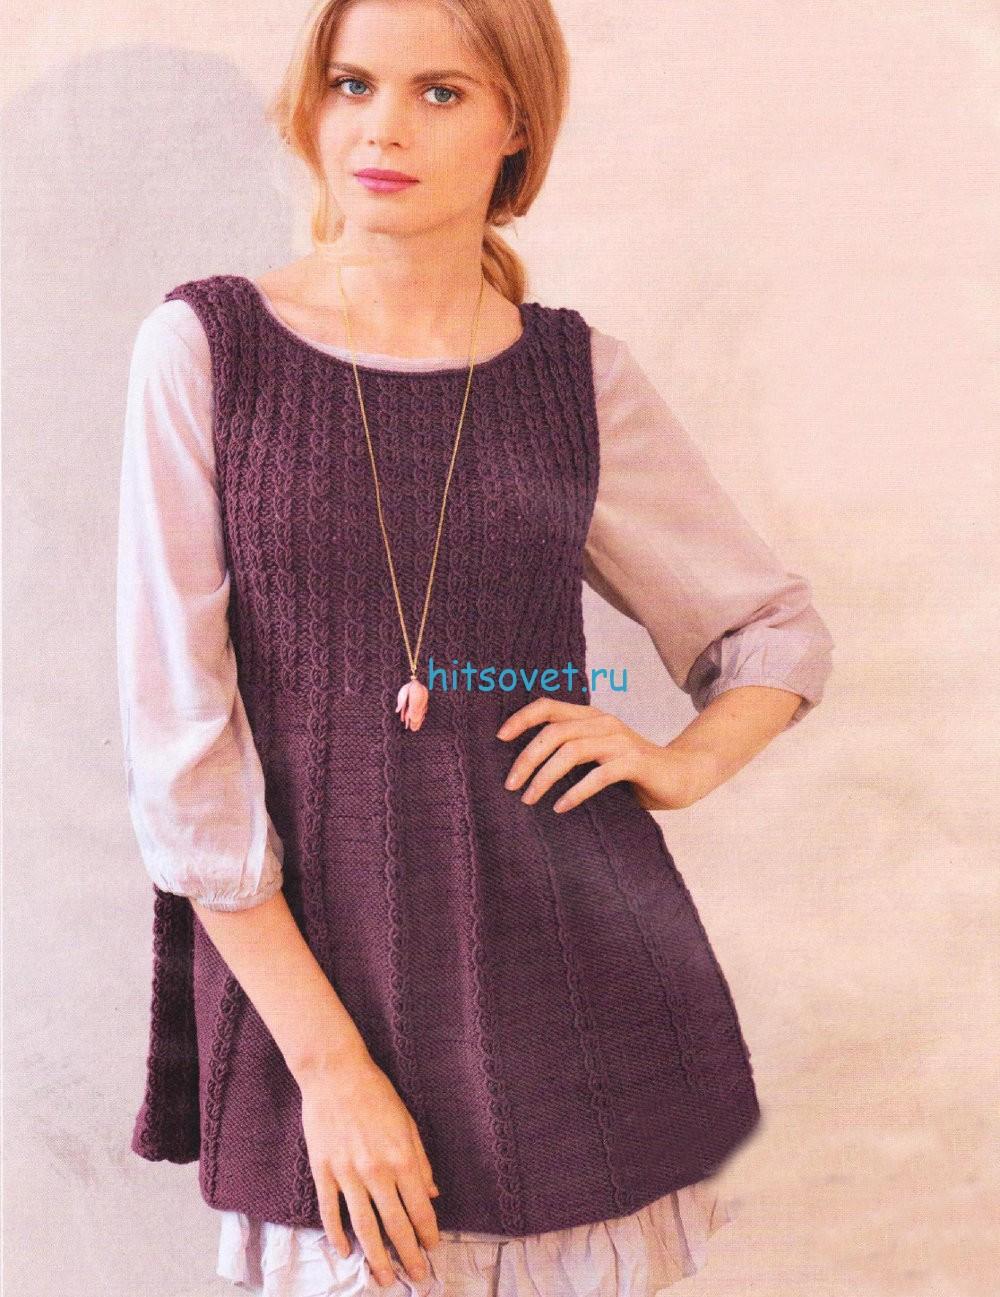 Вязание модной туники спицами, фото.